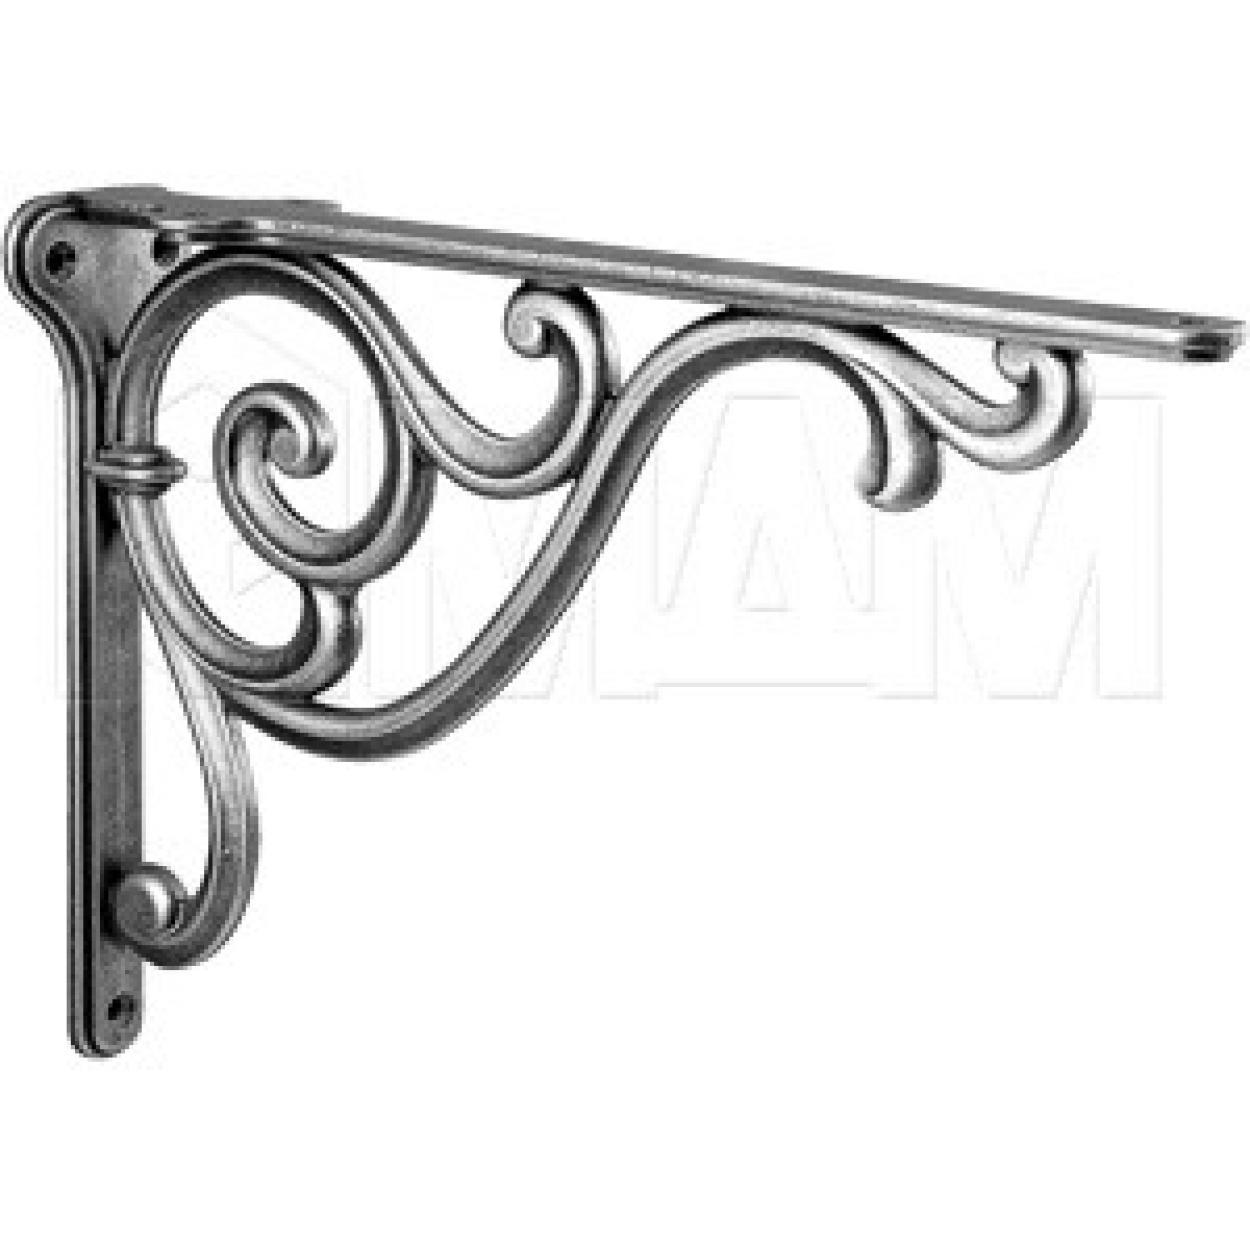 ROME Менсолодержатель для деревянных полок L-250 мм, серебро состаренное